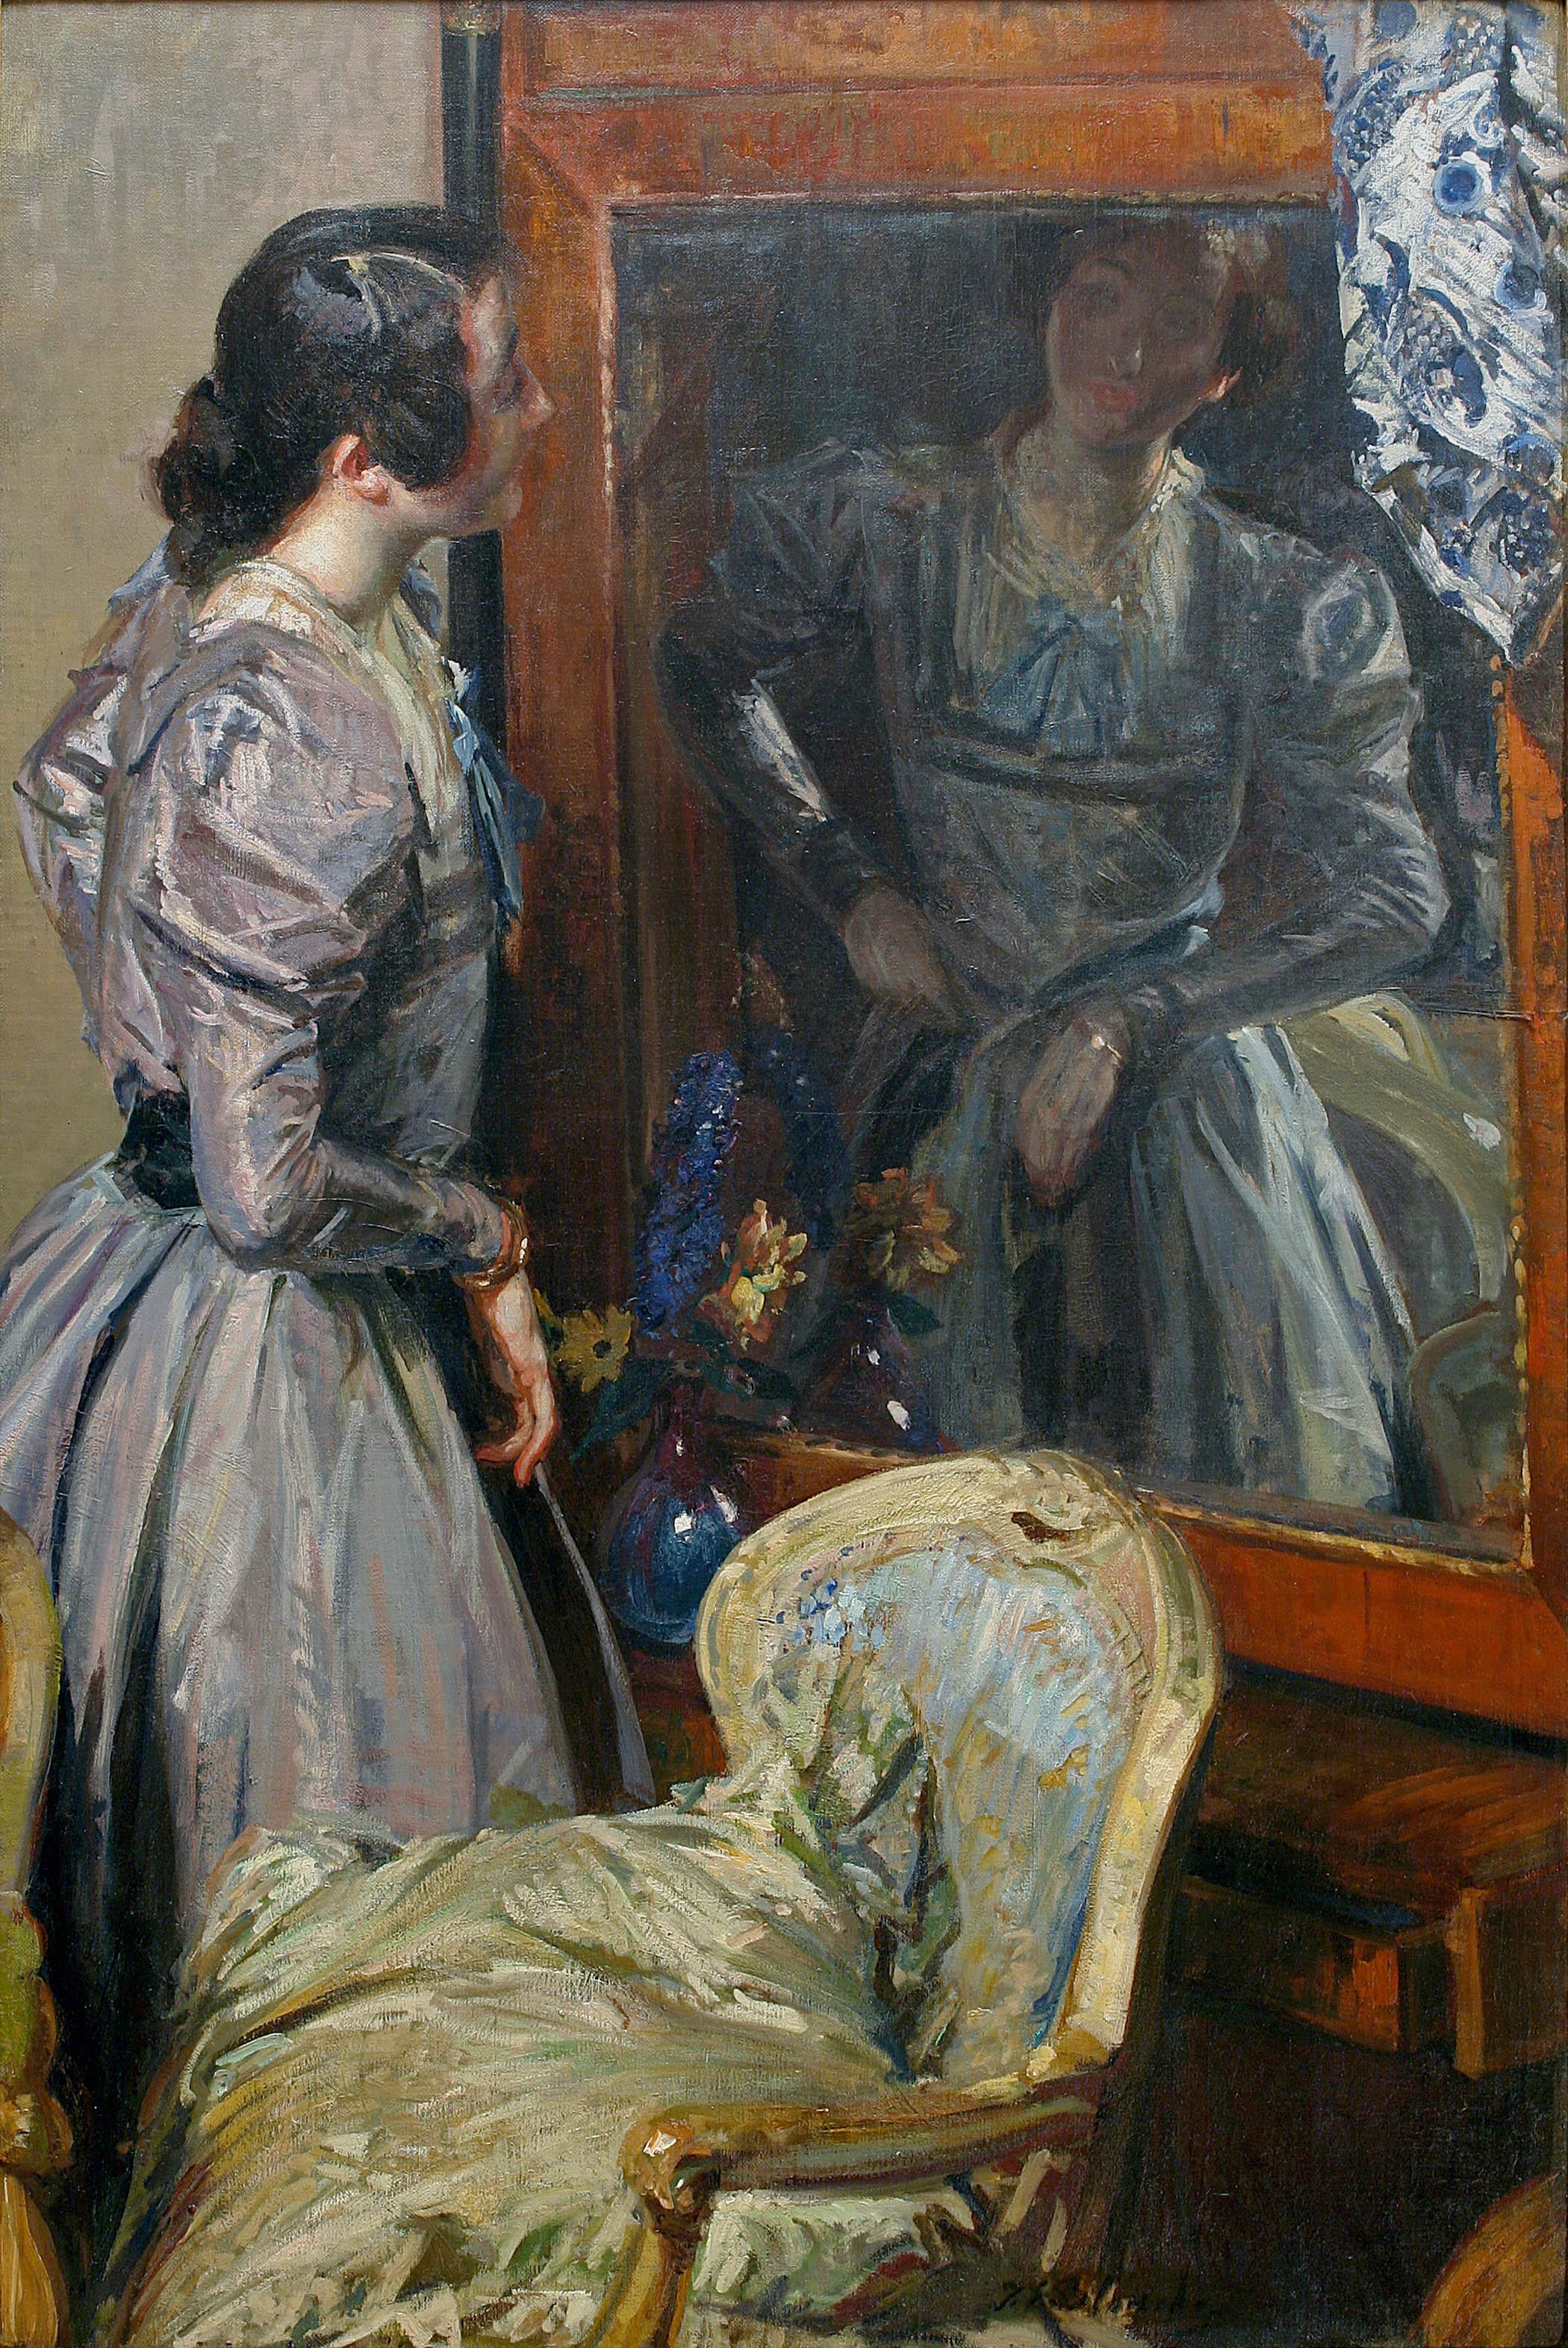 alt In the Mirror (Désirée Manfred or Bérénice)